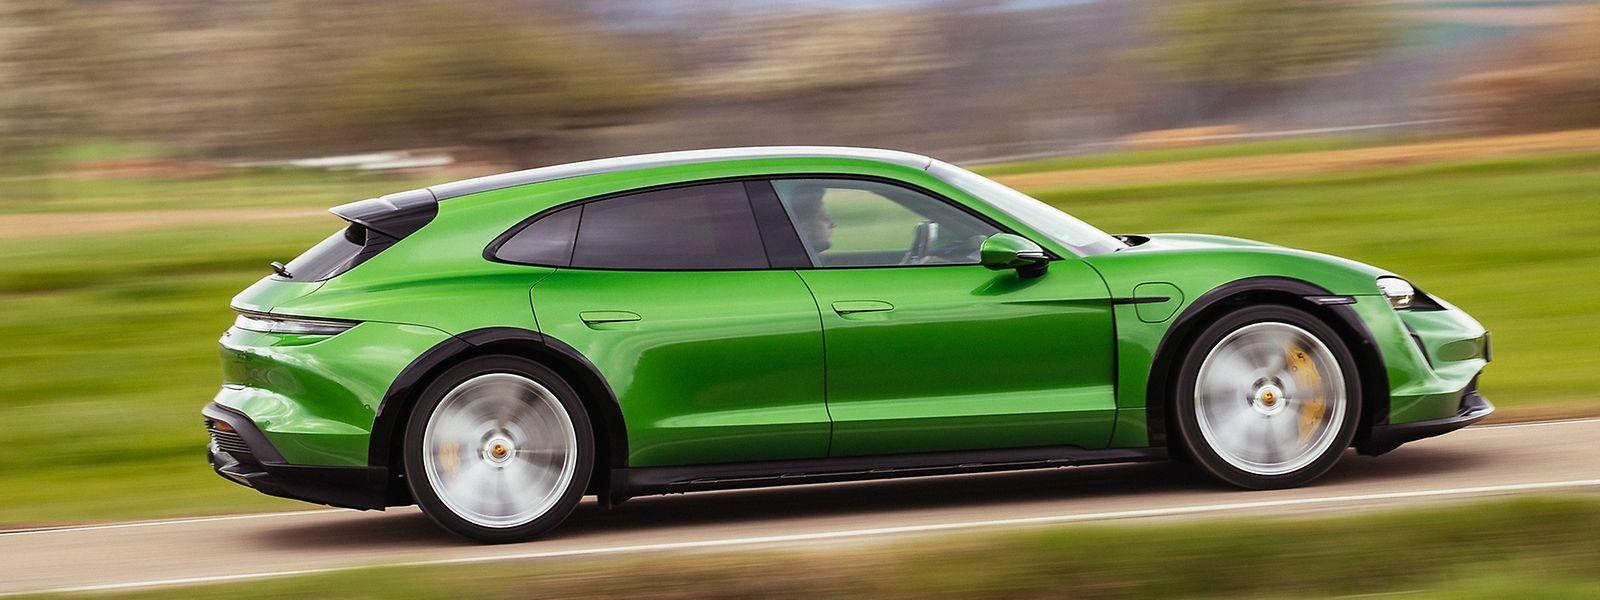 Dank Allradantrieb und adaptiver Luftfederung sorgt das neue High-Tech-Fahrwerk des Porsche Taycan Cross Turismo auch abseits befestigter Straßen für Dynamik.